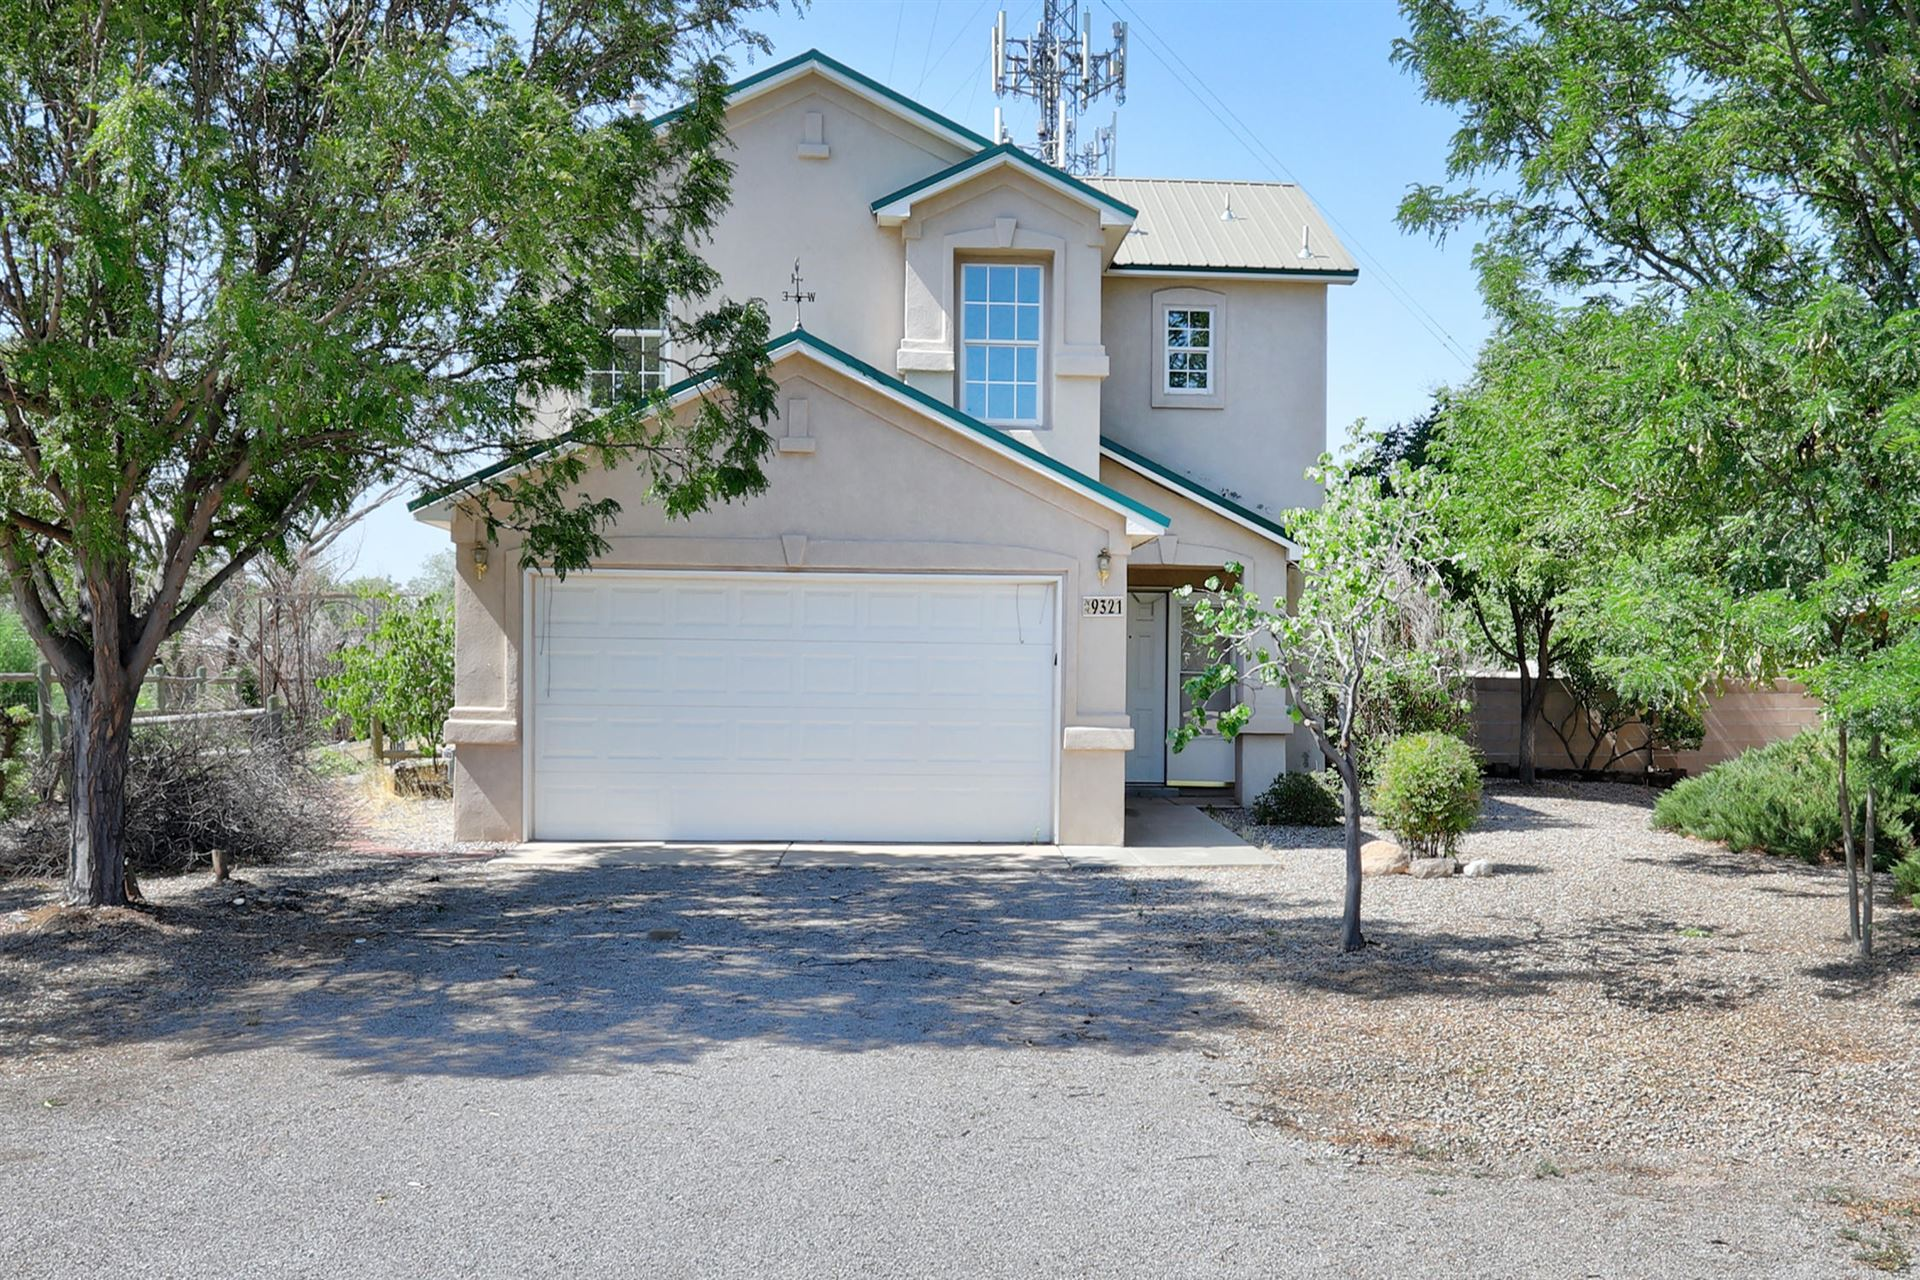 9321 VISTA CLARA Loop NW, Albuquerque, NM 87114 - MLS#: 996262